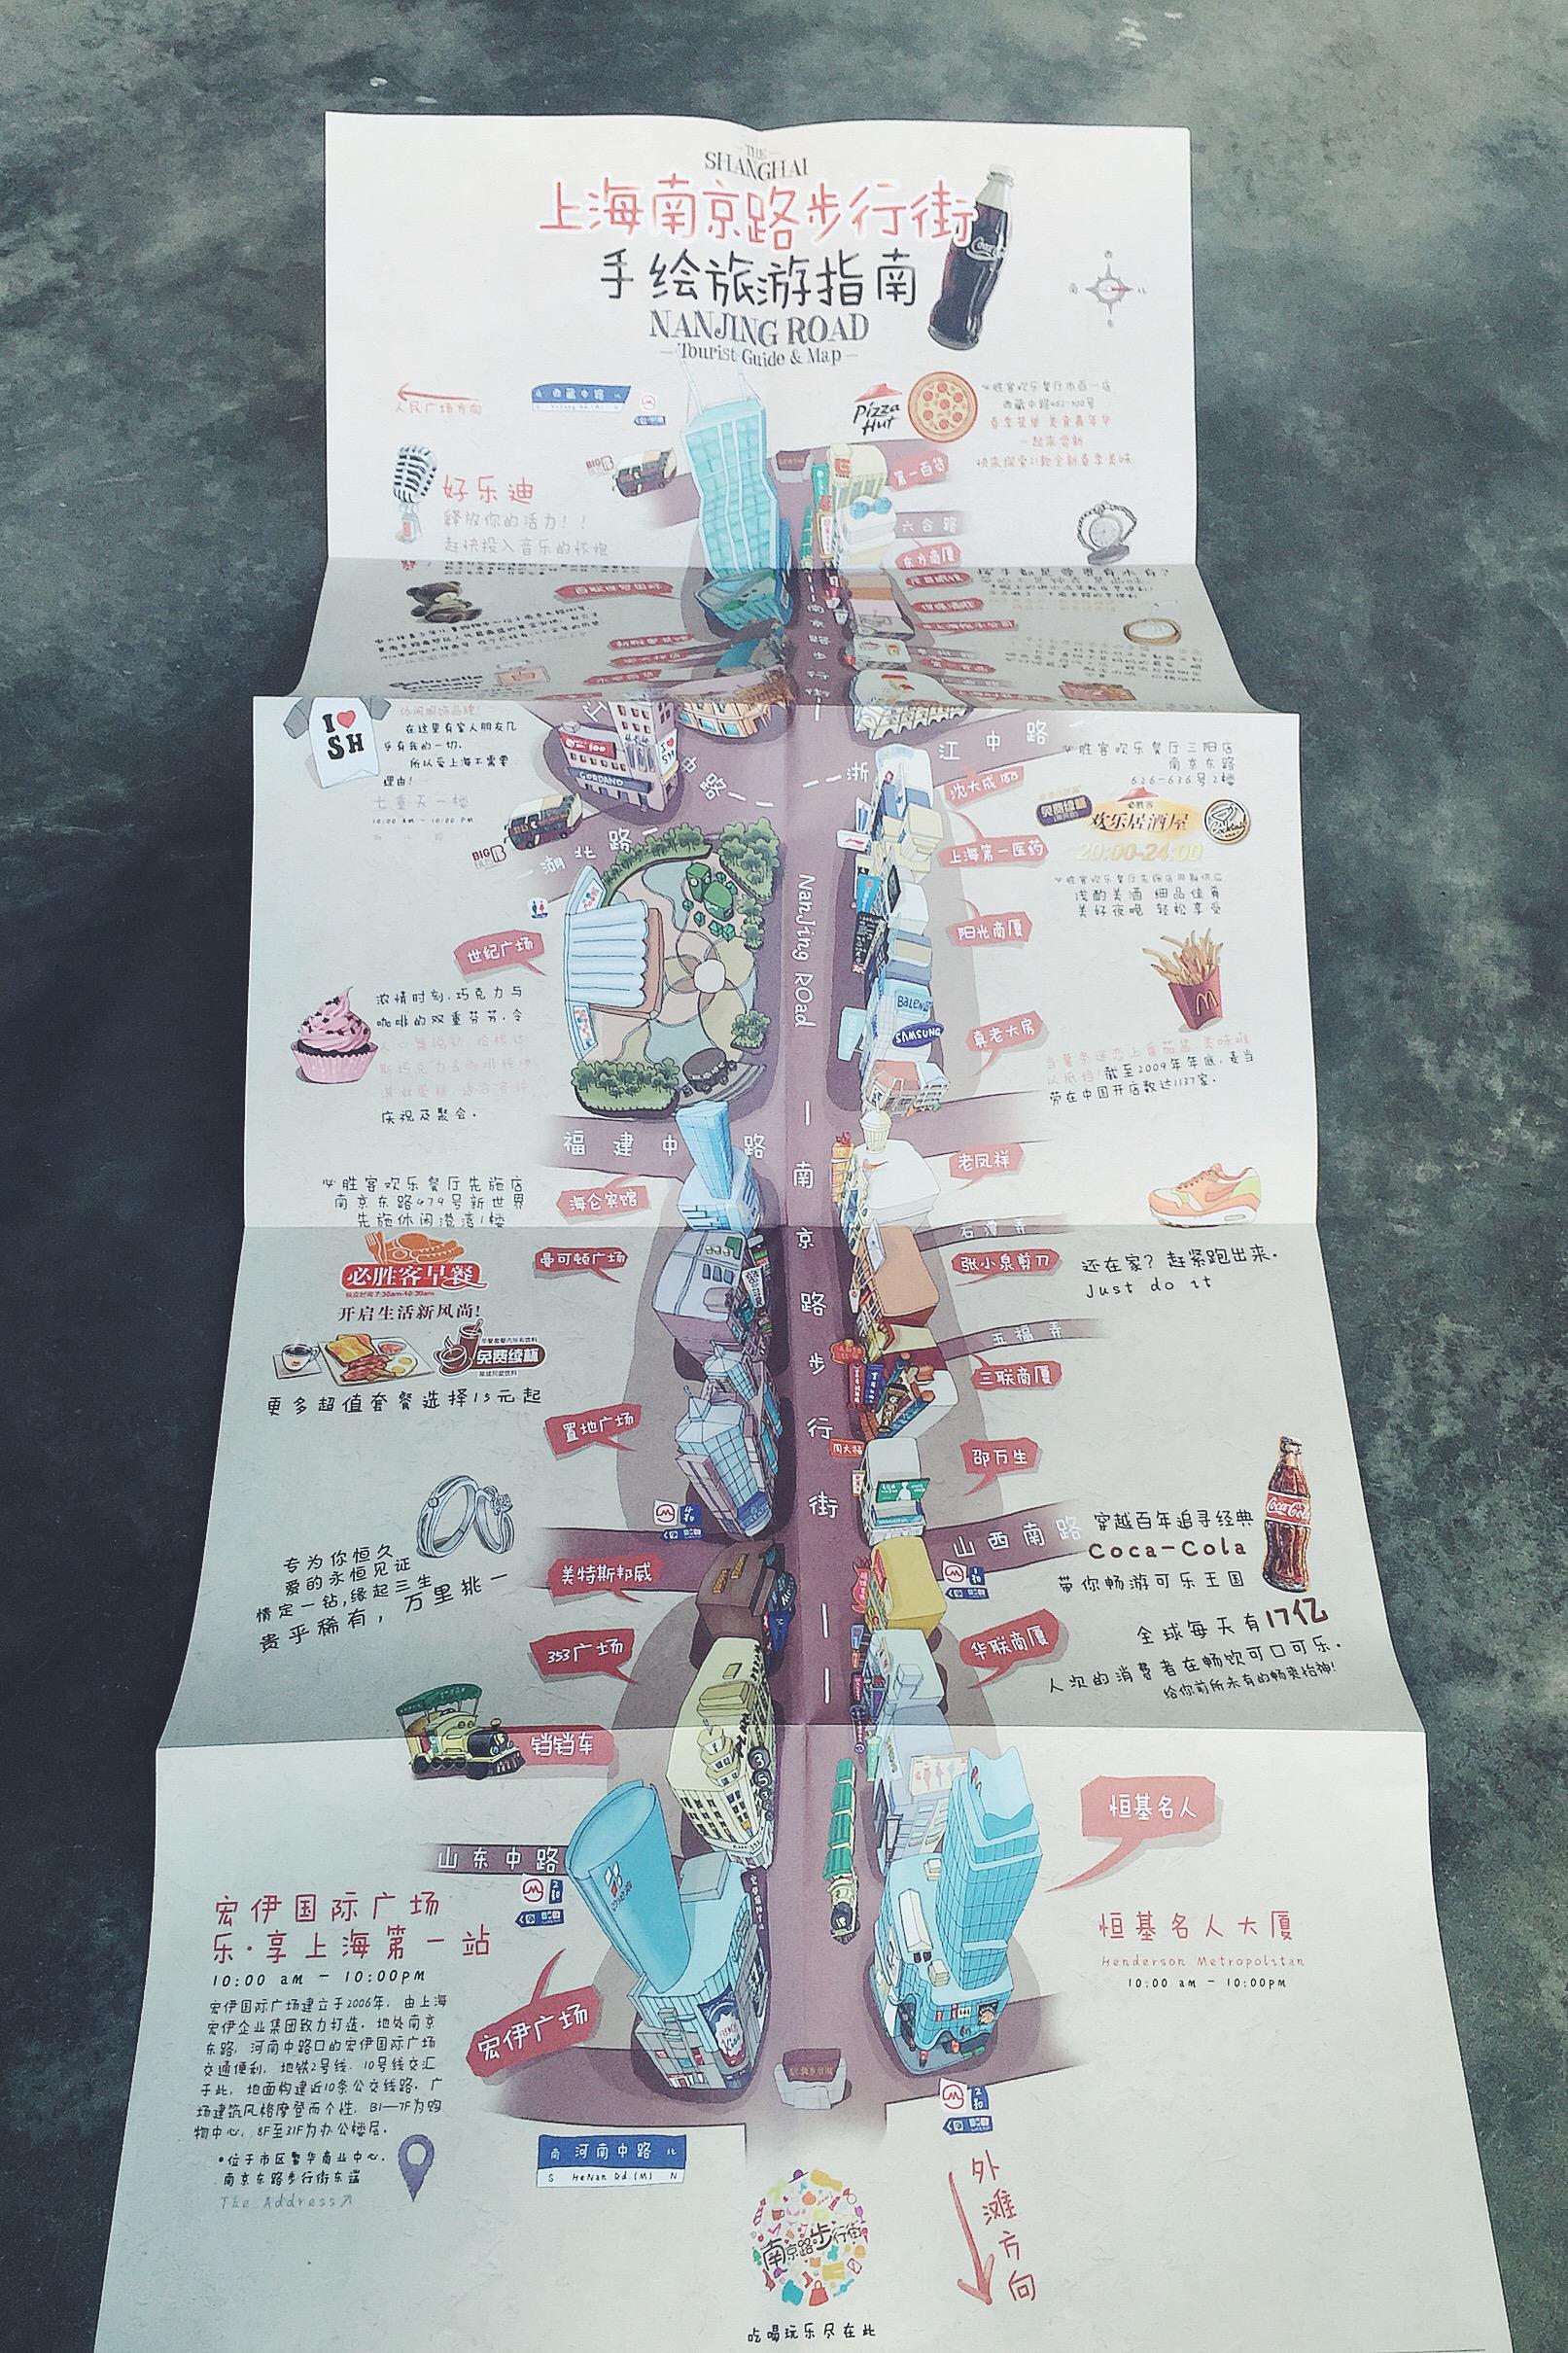 上海南京路步行街手绘地图